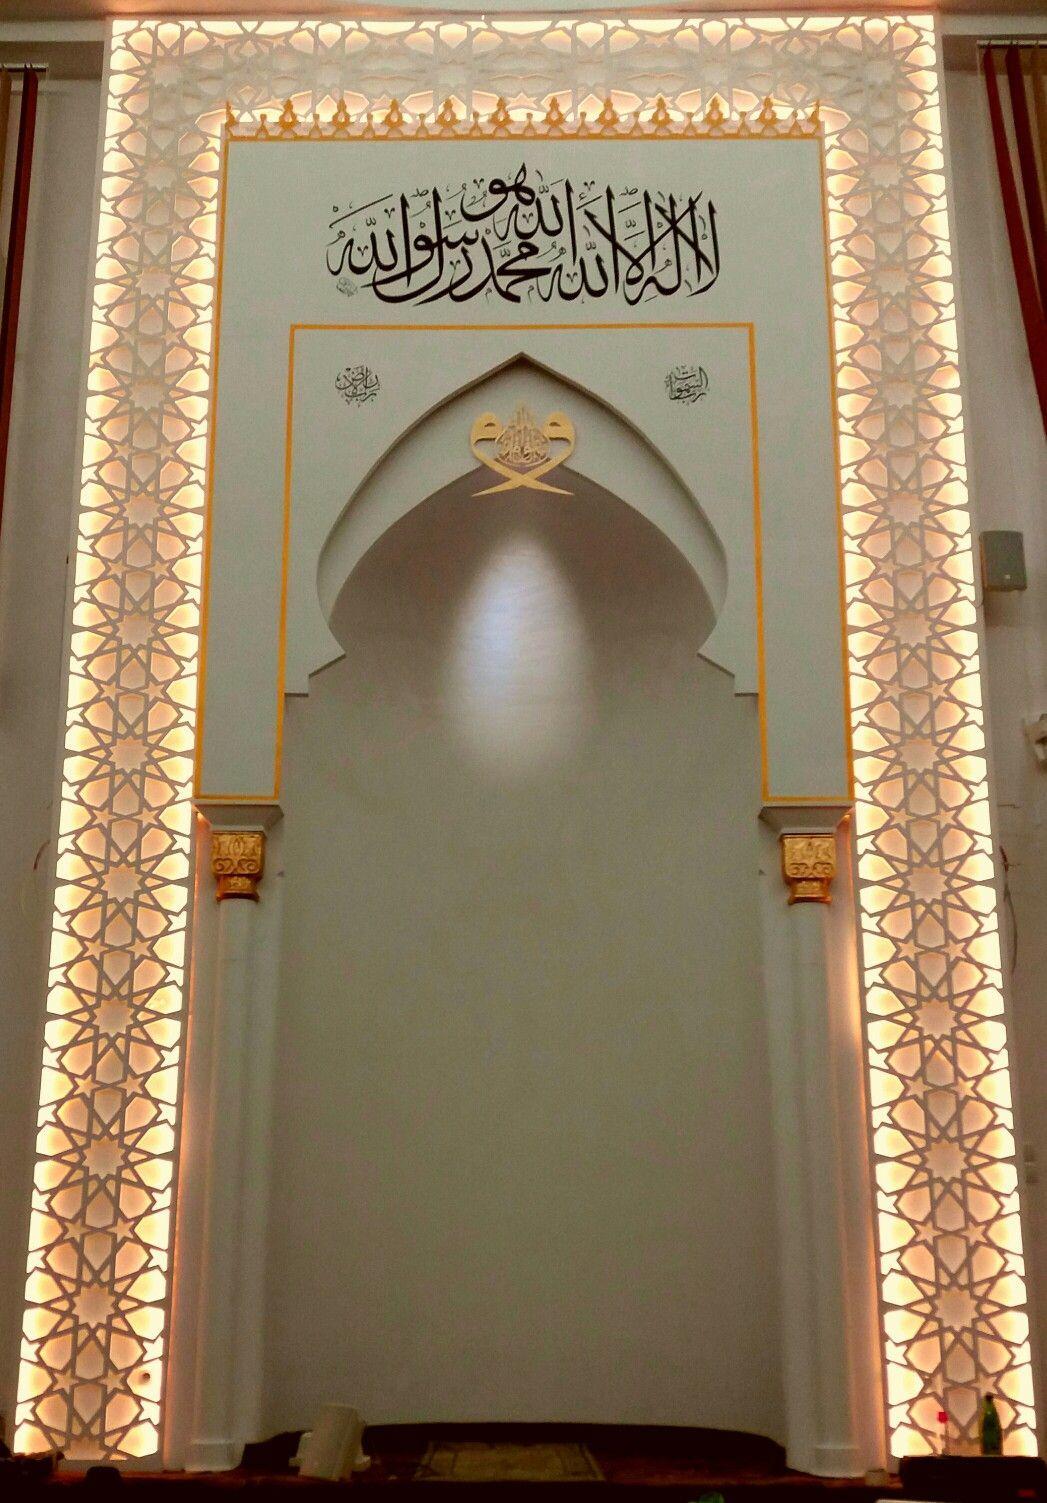 Gambar Masjid Untuk Logo : gambar, masjid, untuk, Hasil, Gambar, Untuk, Mihrab, Modern, Mesjid, Arsitektur, Masjid,, Arsitektur,, Desain